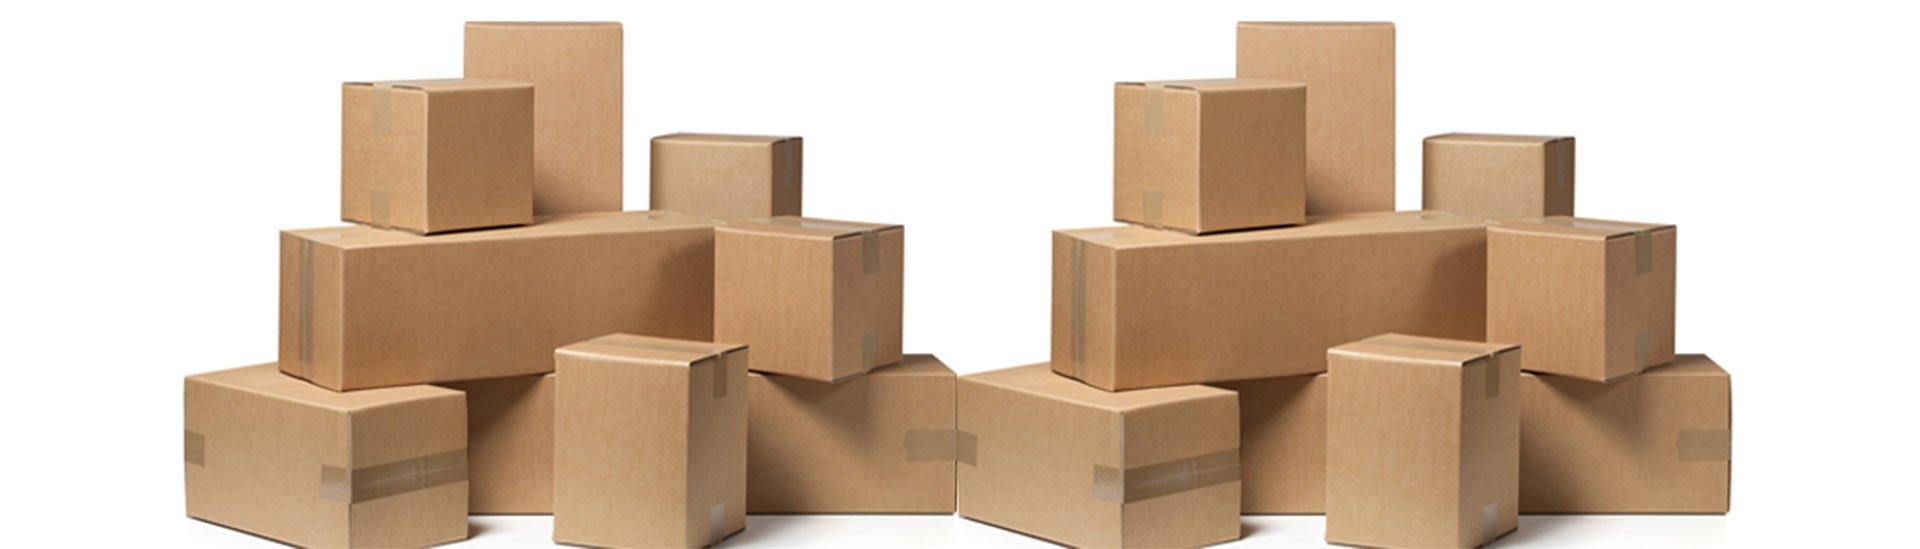 carton box supplier